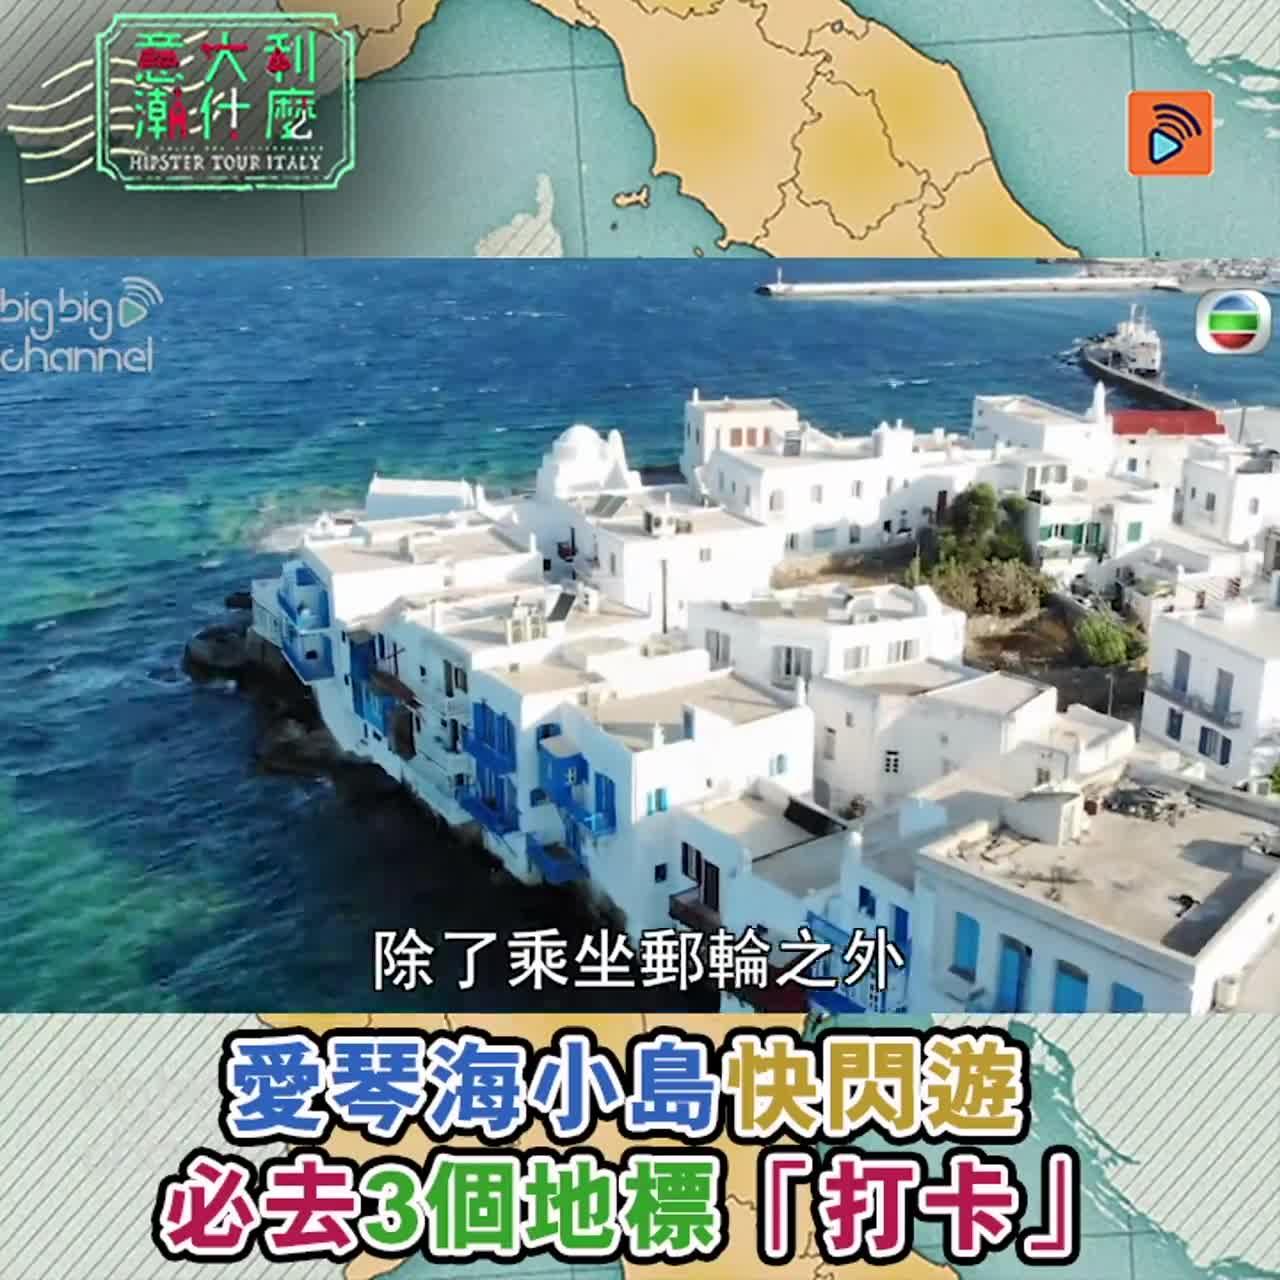 愛琴海小島快閃遊 必去3個地標「打卡」